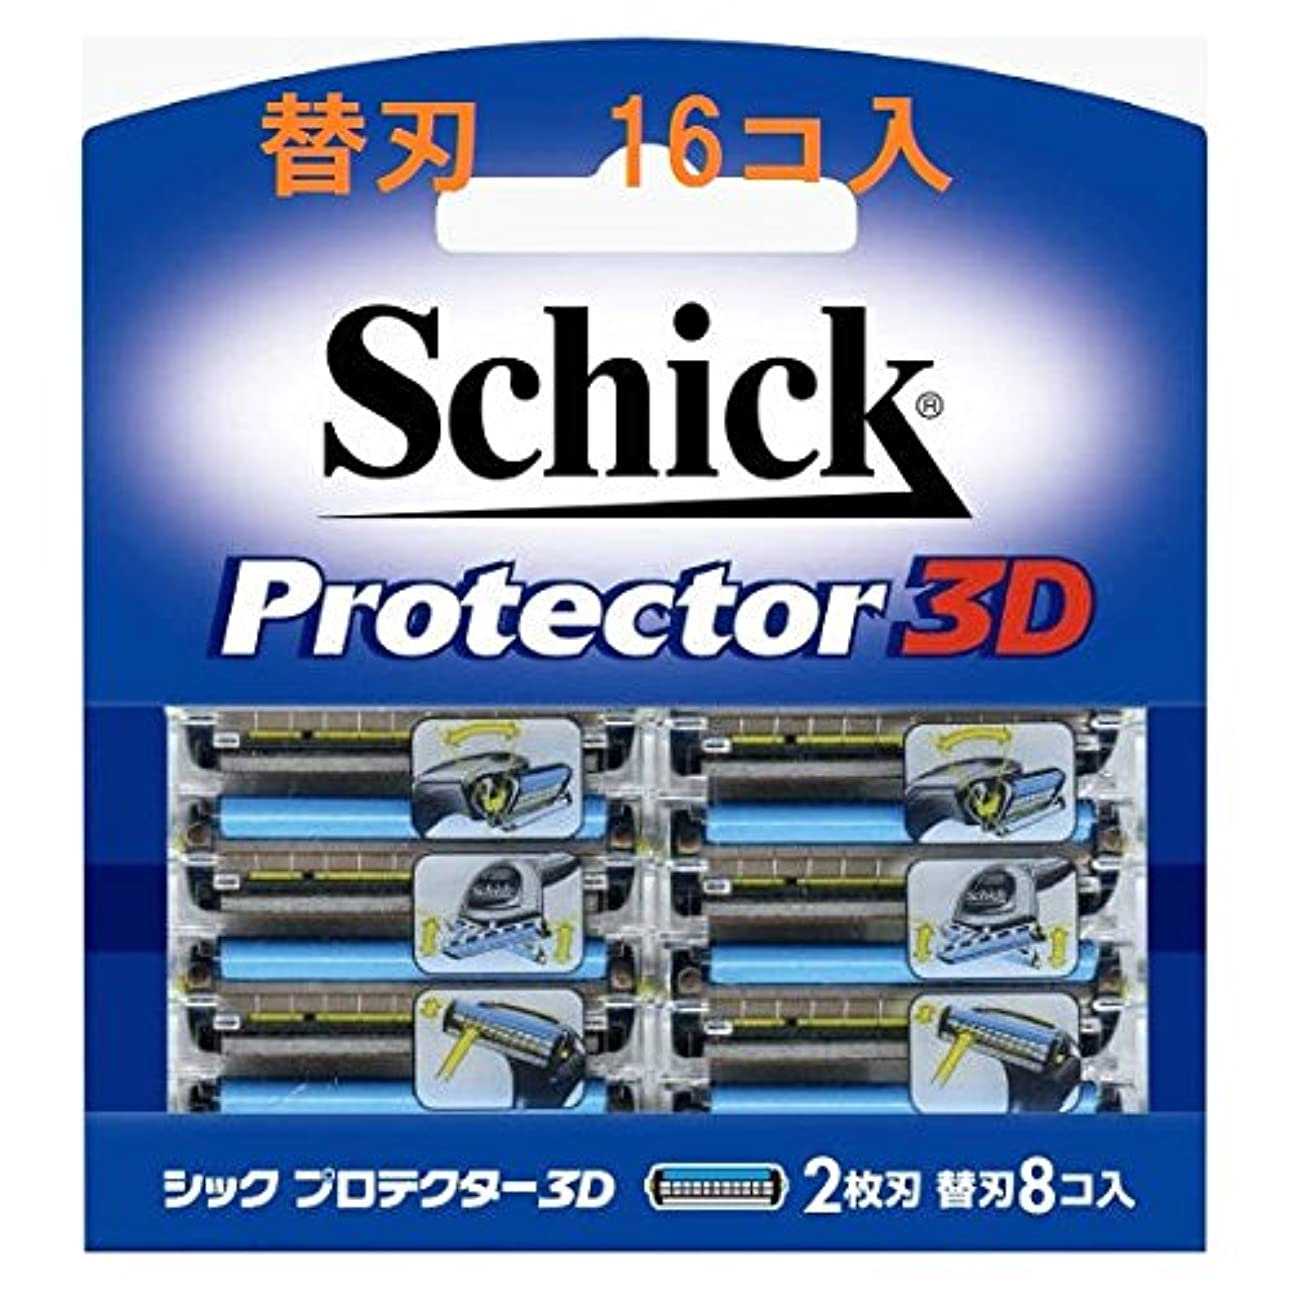 悪性の出くわす落ち着かないシック プロテクター スリーディー(替刃16コ入) Protector 3D